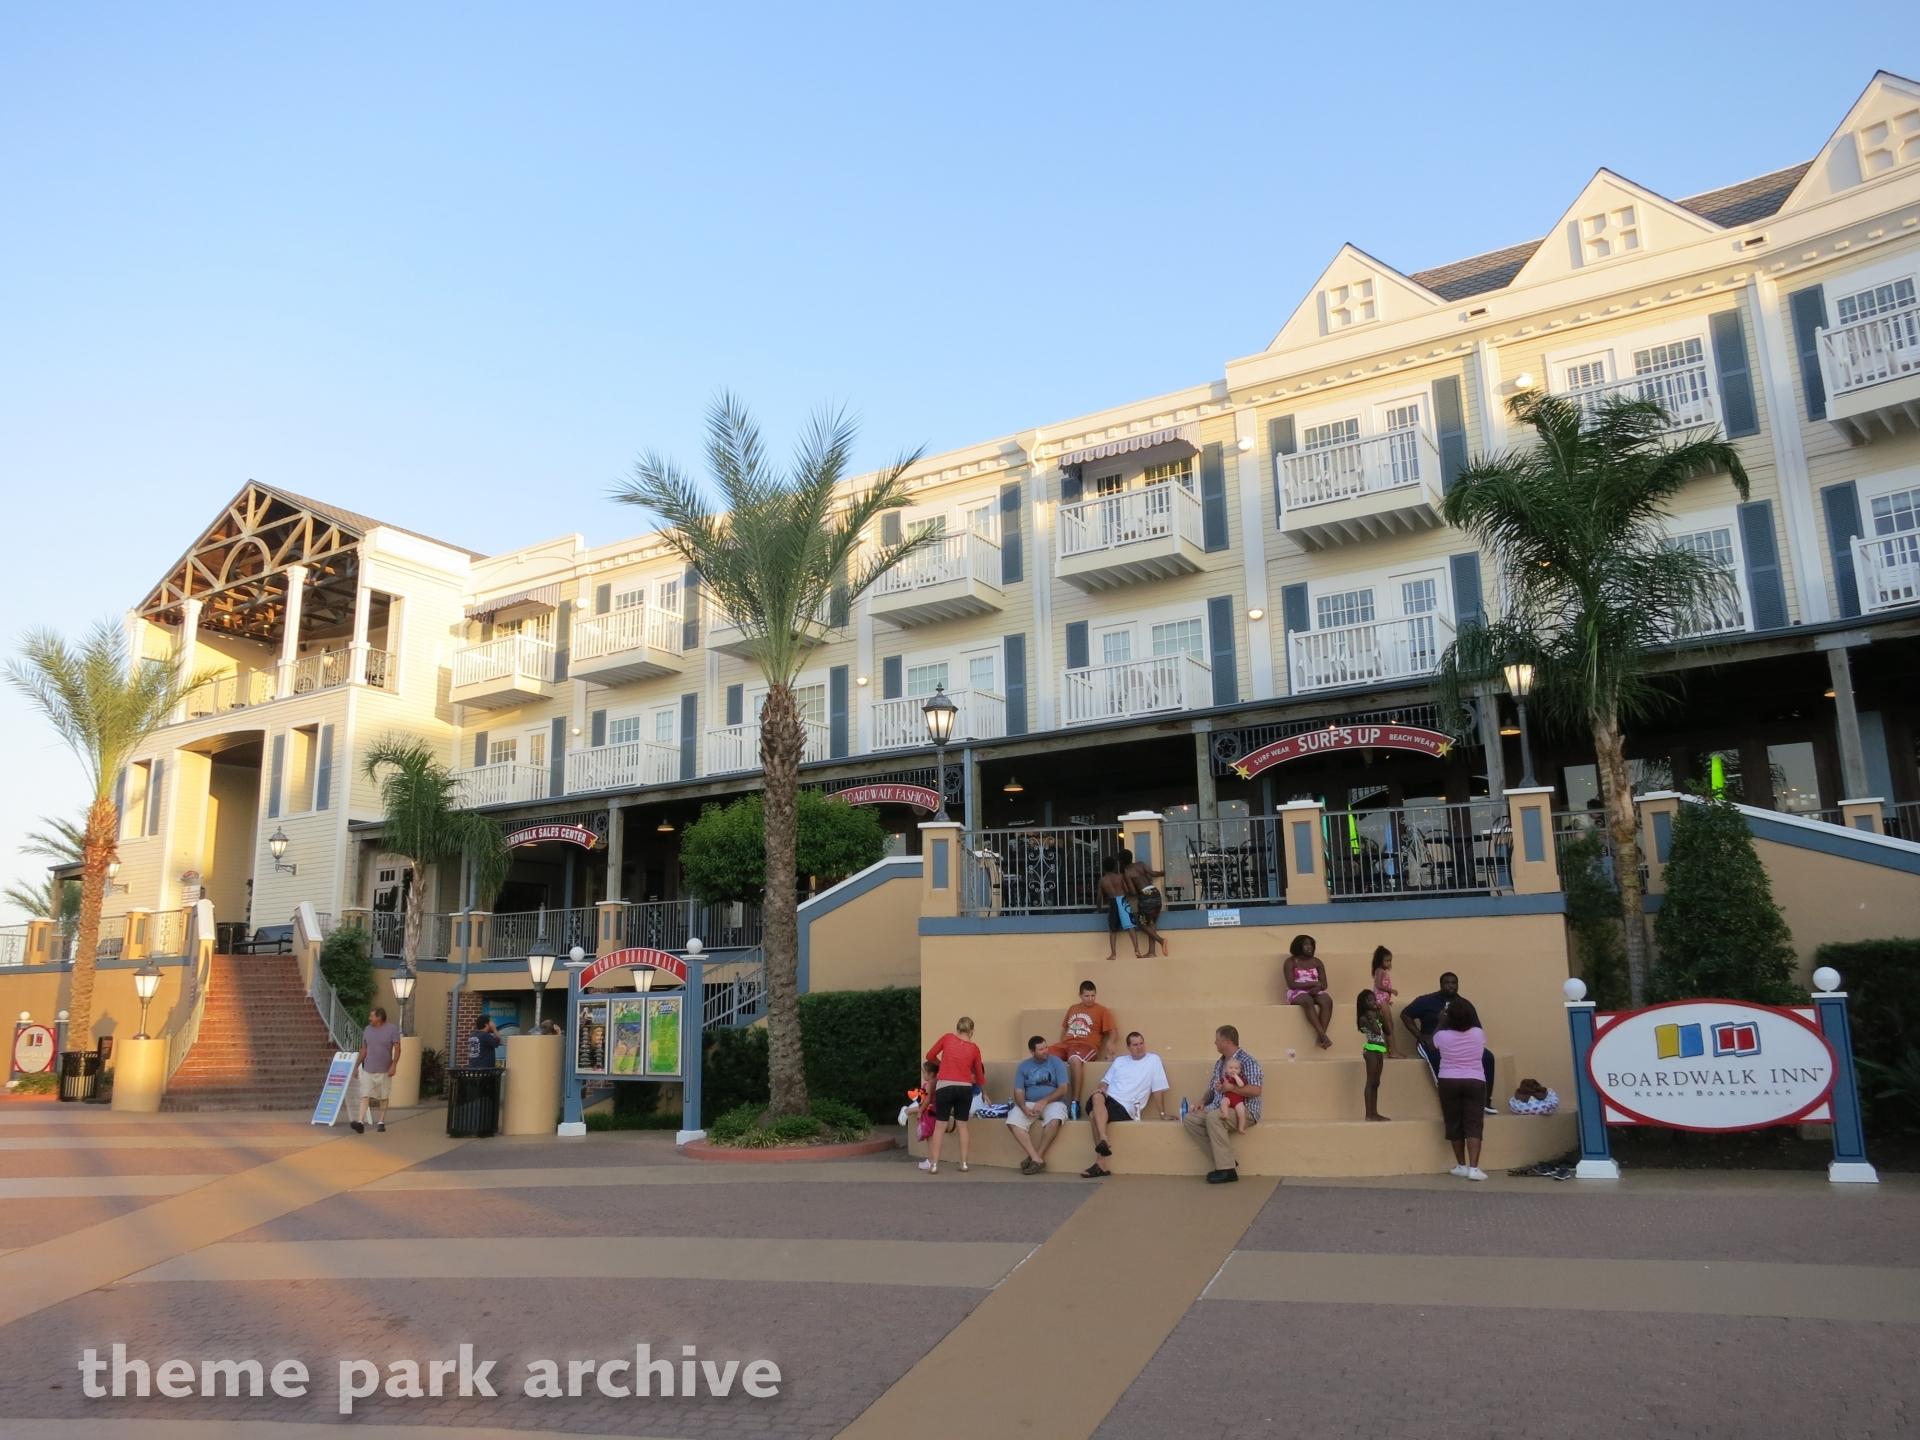 Boardwalk Inn at Kemah Boardwalk